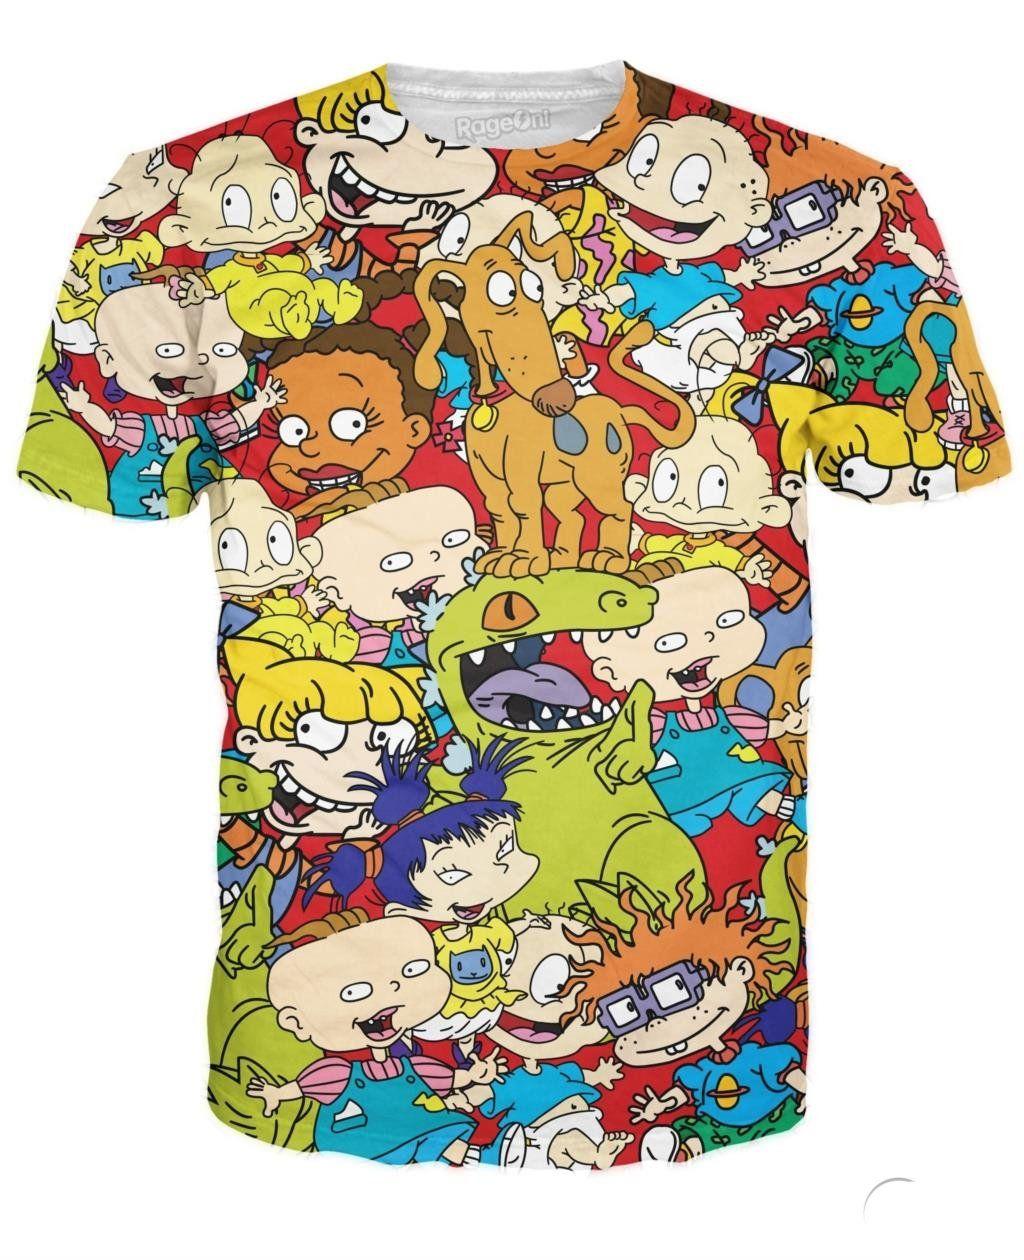 f6105663ba Rugrats 3D Print T-Shirt – Tomscloth